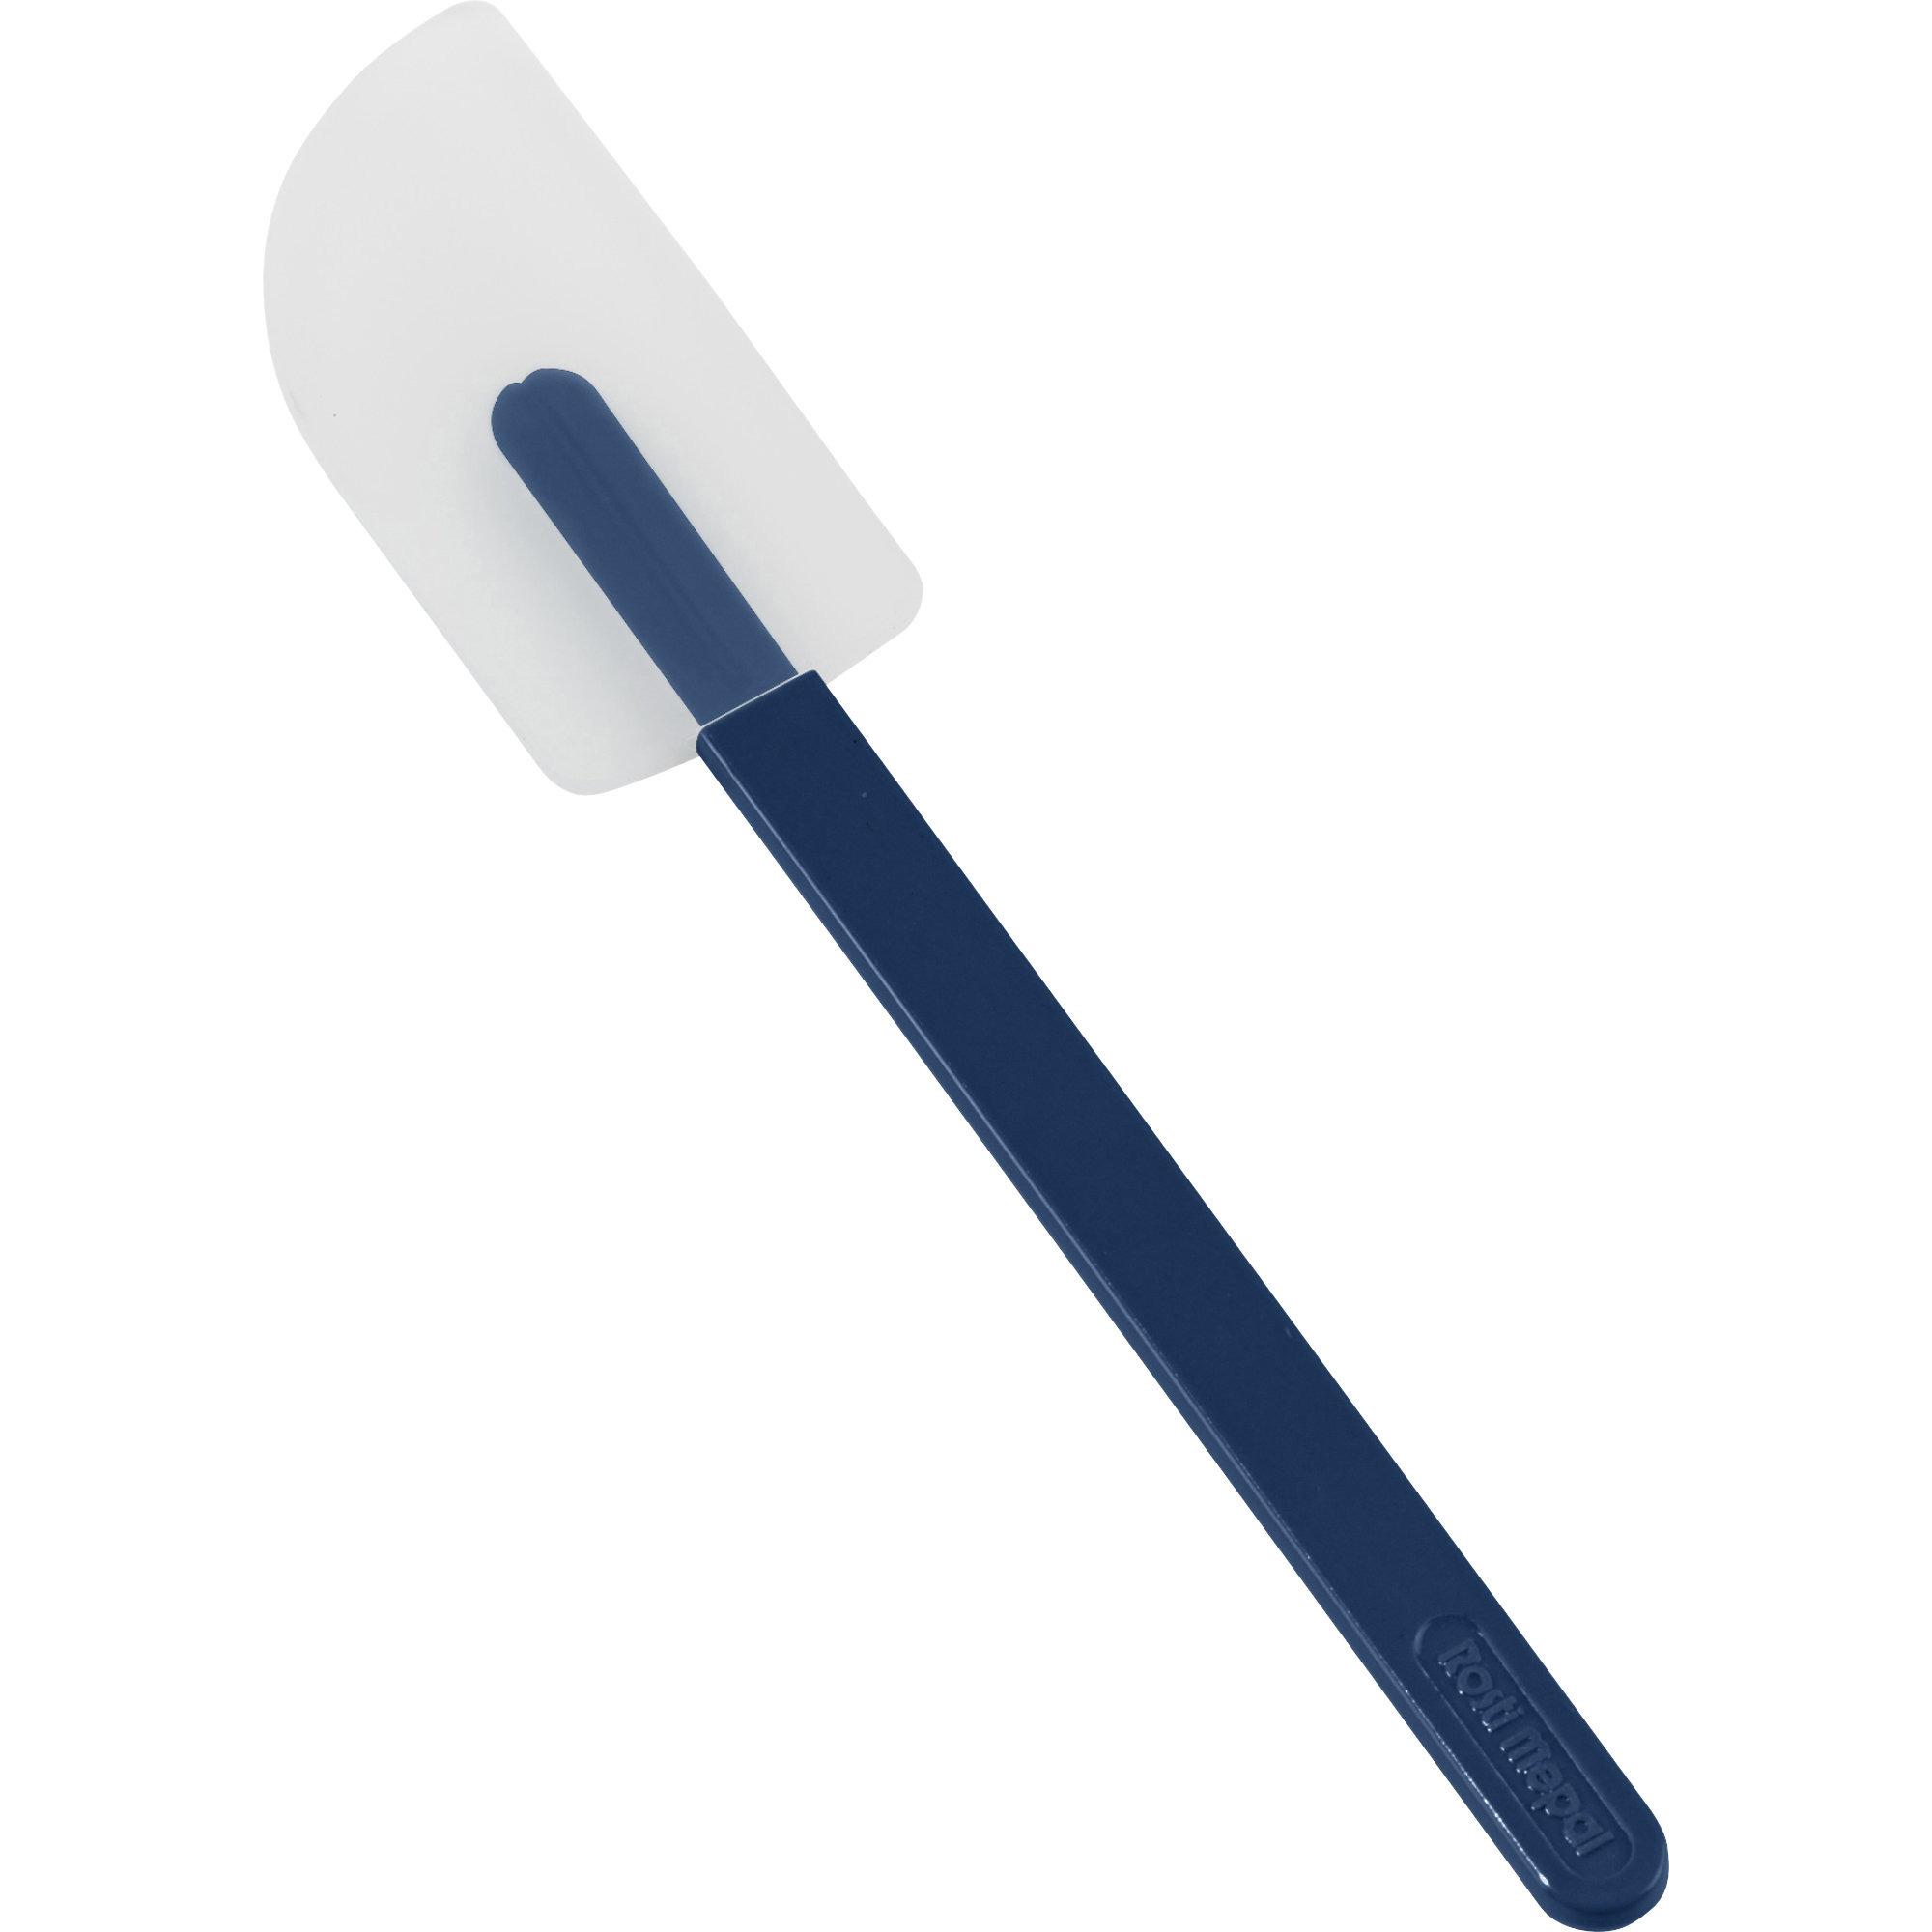 Rosti Slickepott Liten Indigo Blue